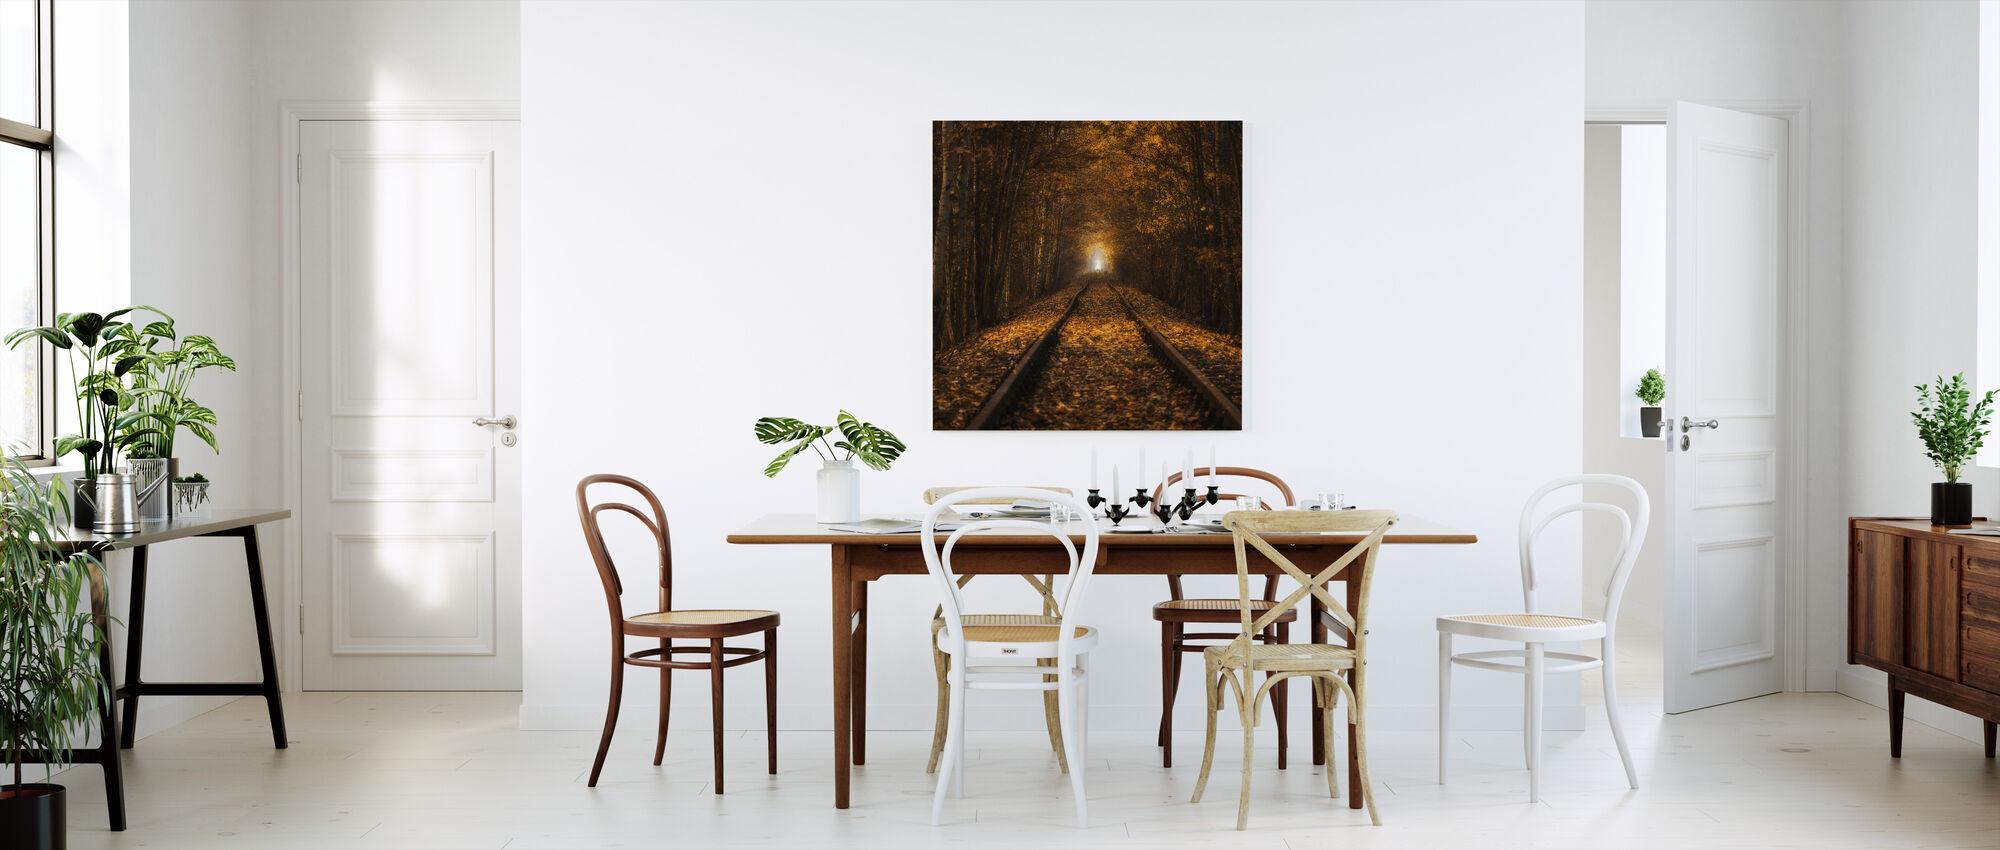 Syksyn tunneli - Canvastaulu - Keittiö